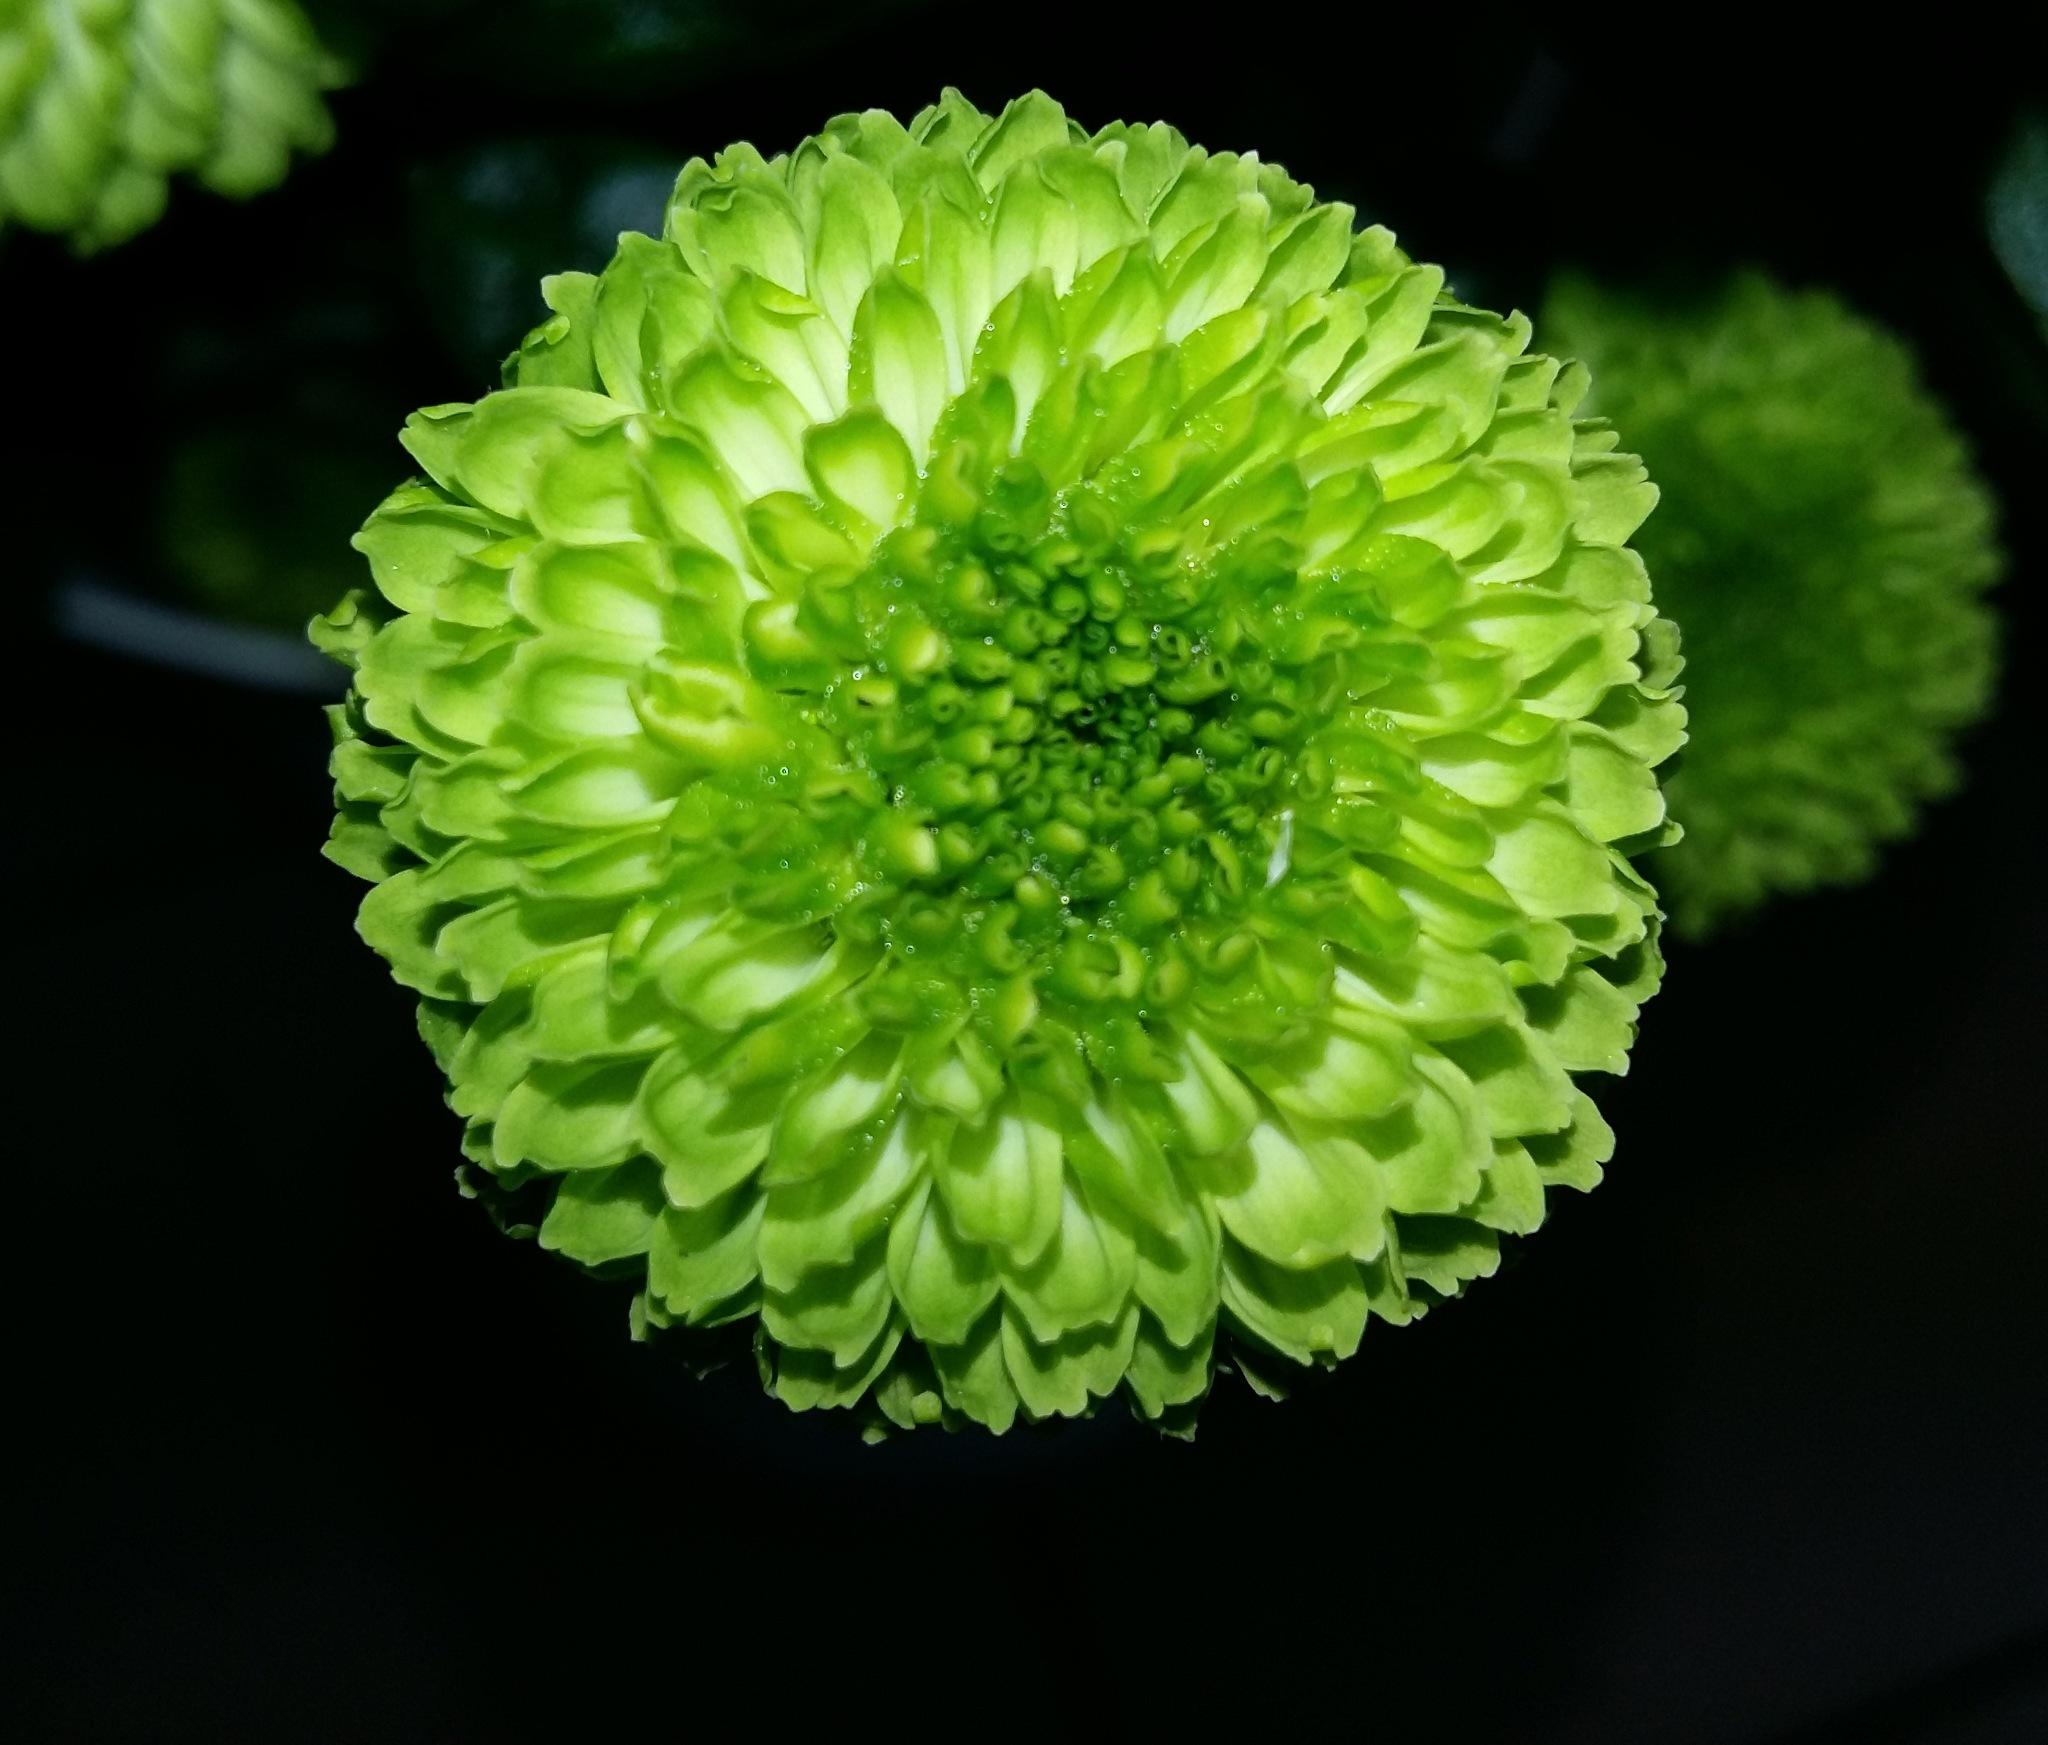 Green flower by uzkuraitiene62